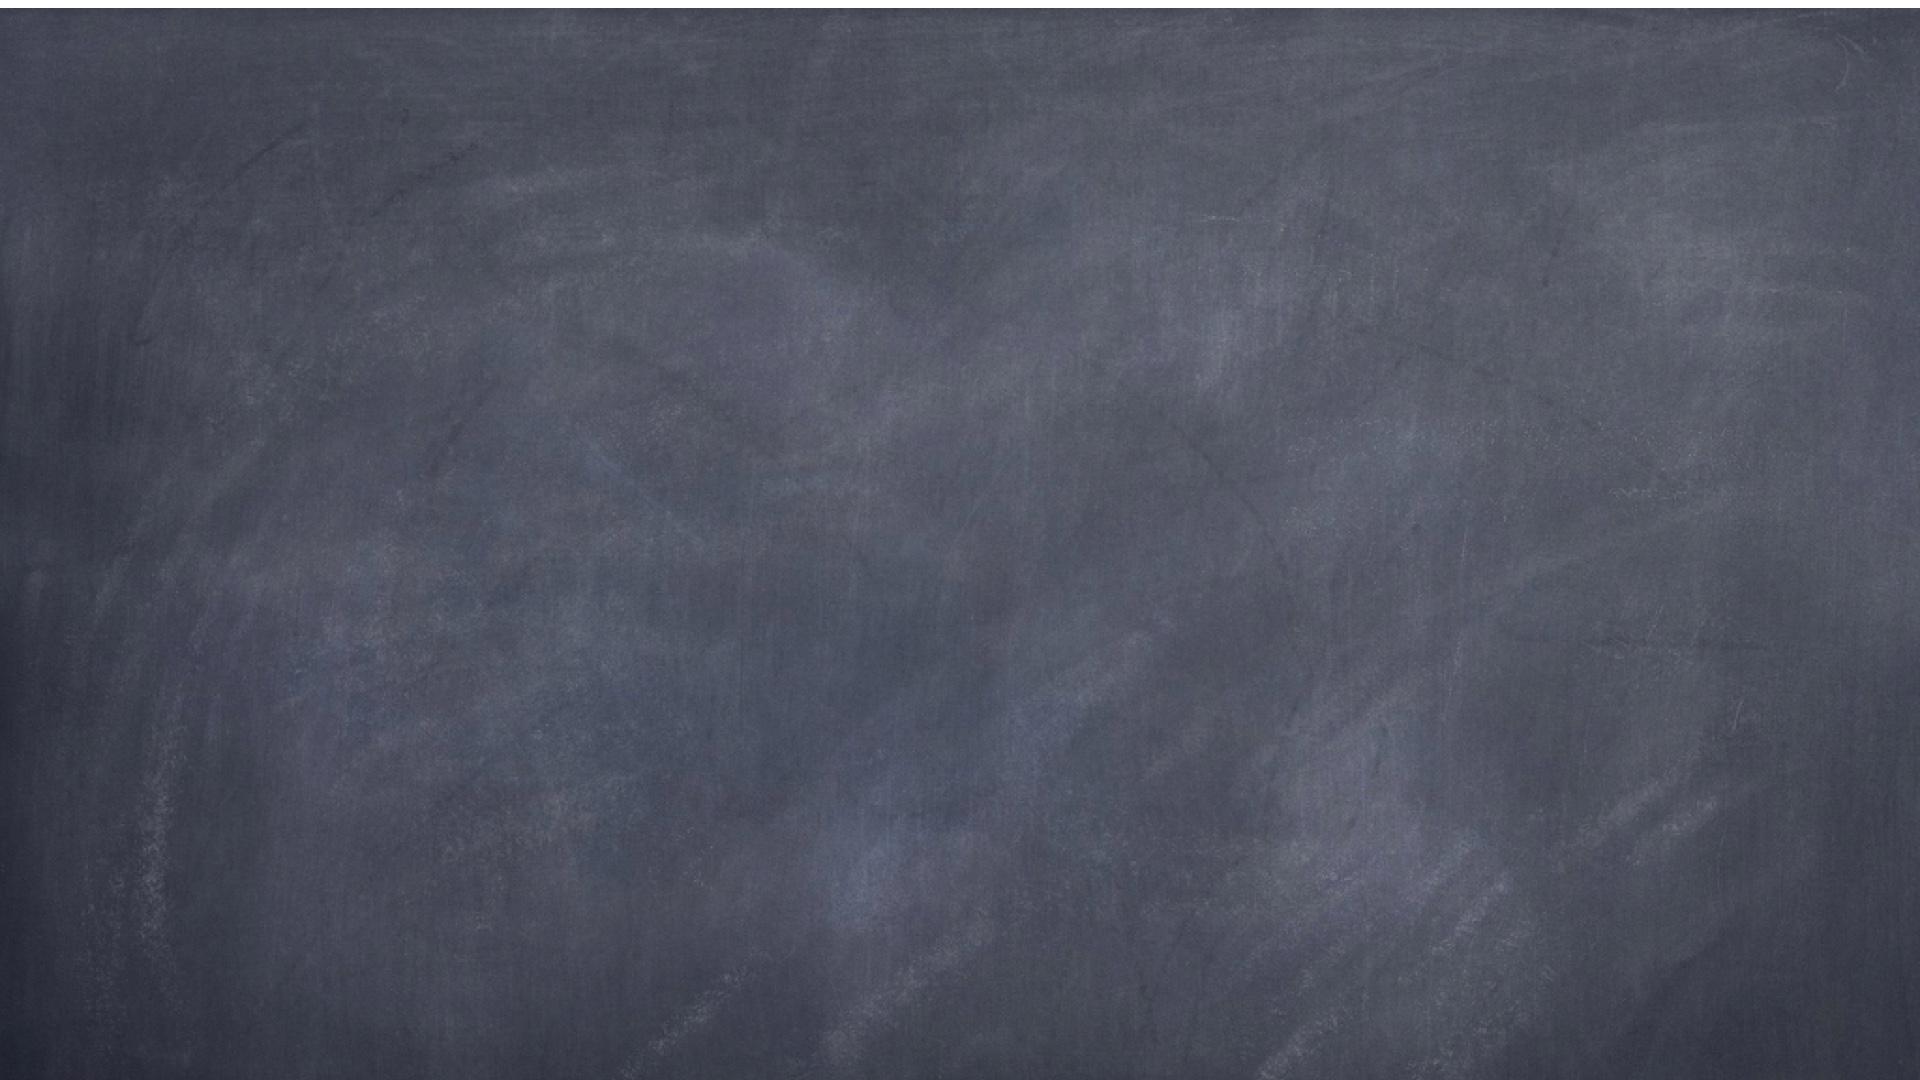 チョークボード(黒板)の無料バーチャル背景素材